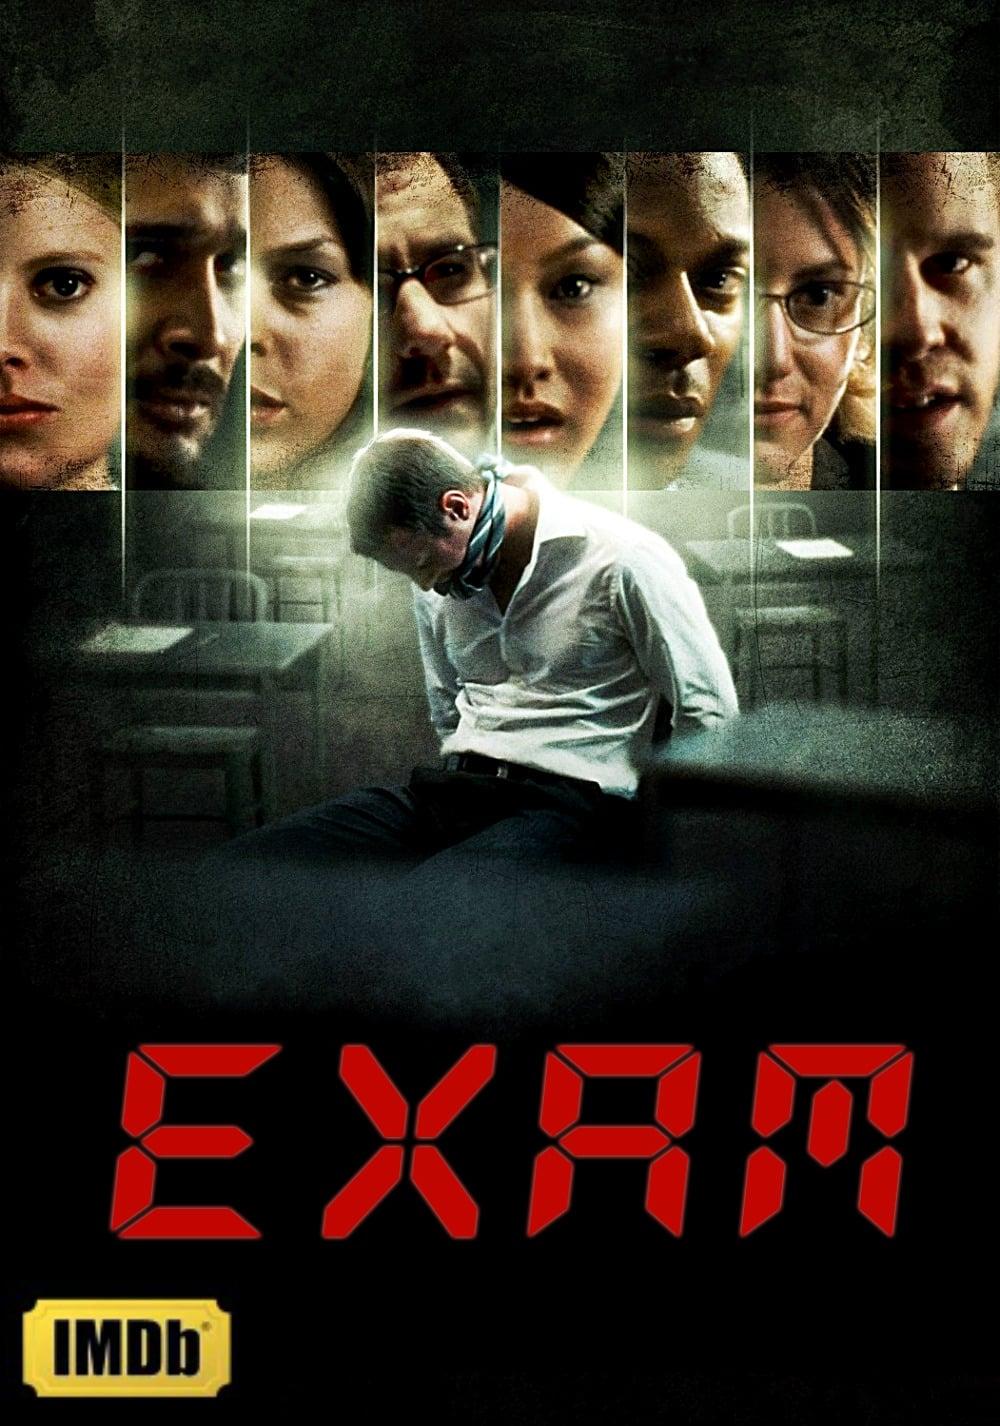 Exam Tödliche Prüfung 2009 Posters The Movie